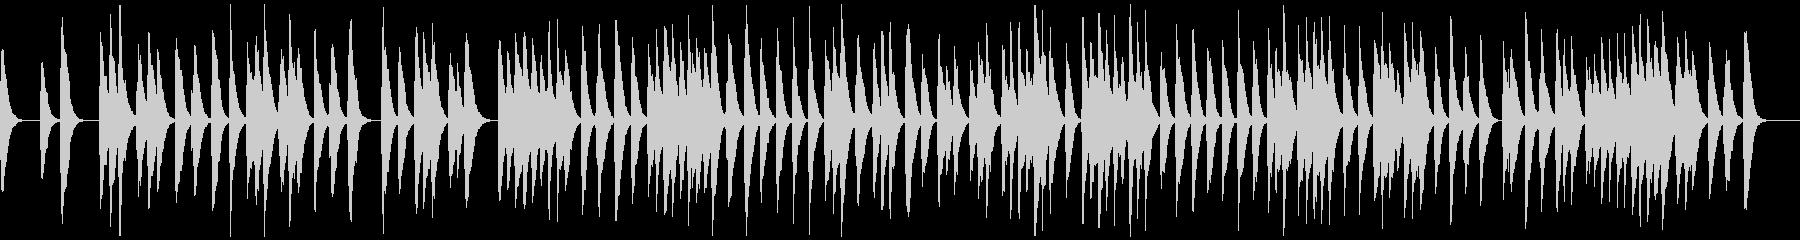 和の表現に最適(箏曲・六段の調)の未再生の波形